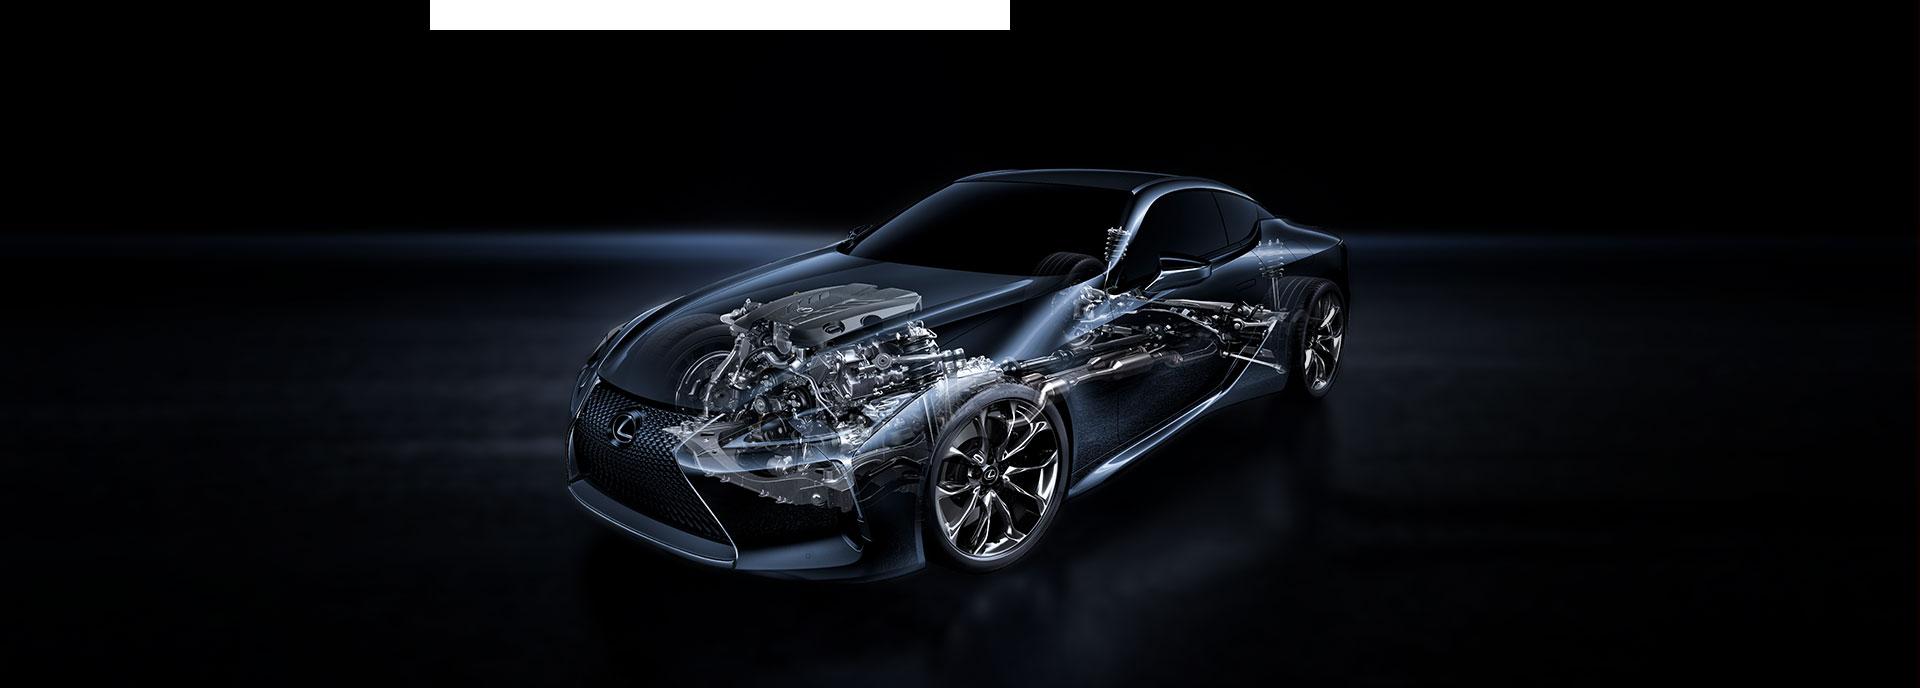 Lexus LC 500 alusta